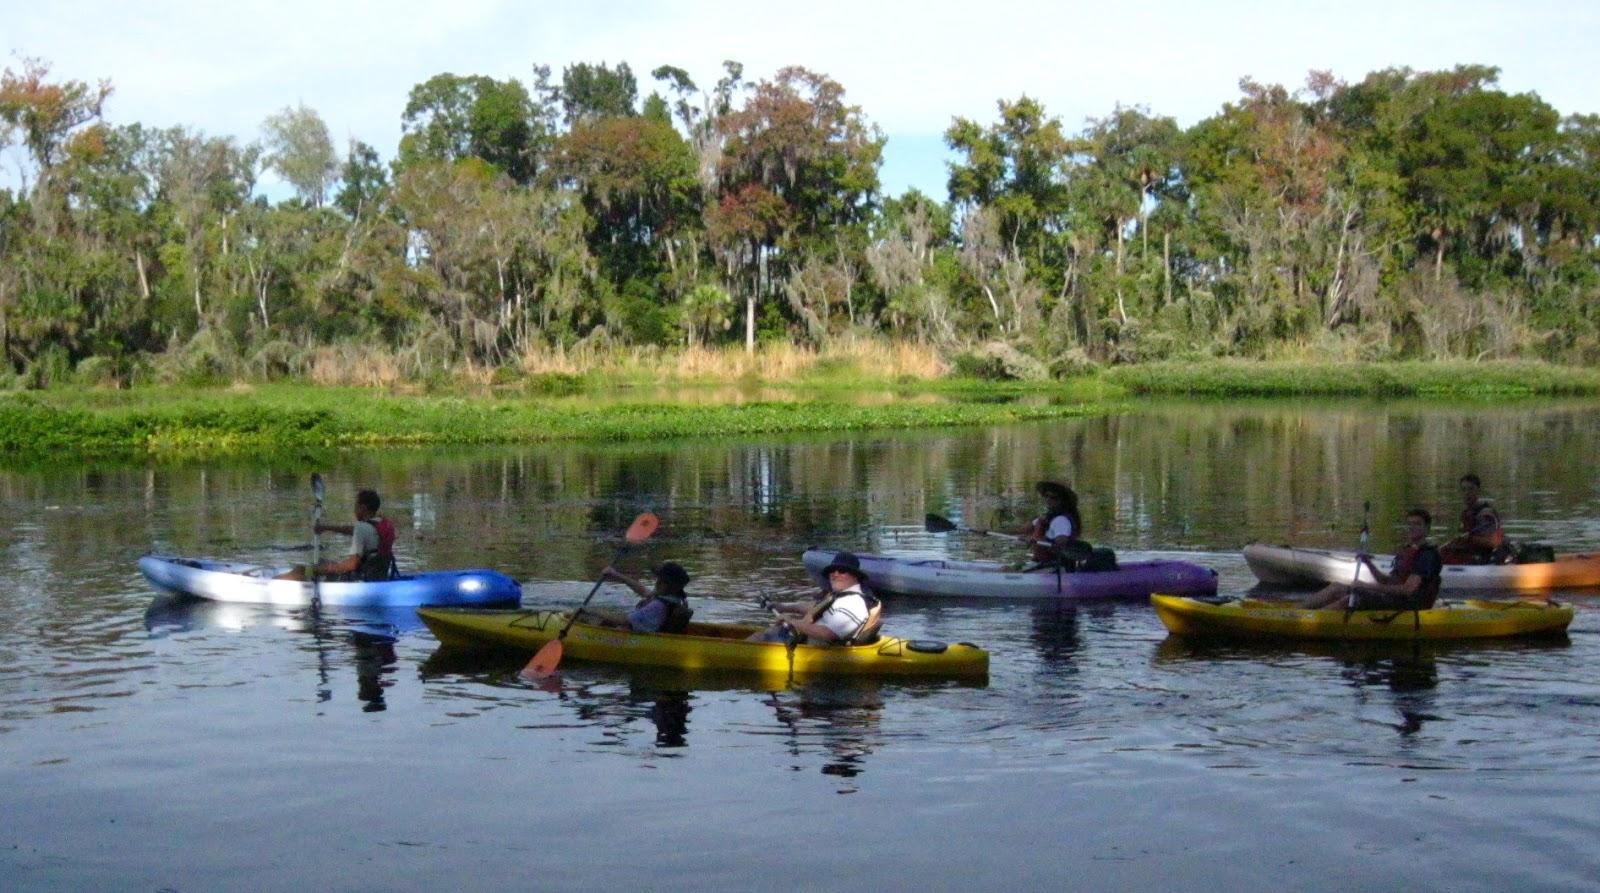 Wekiva River Monkeys on The Wekiva River